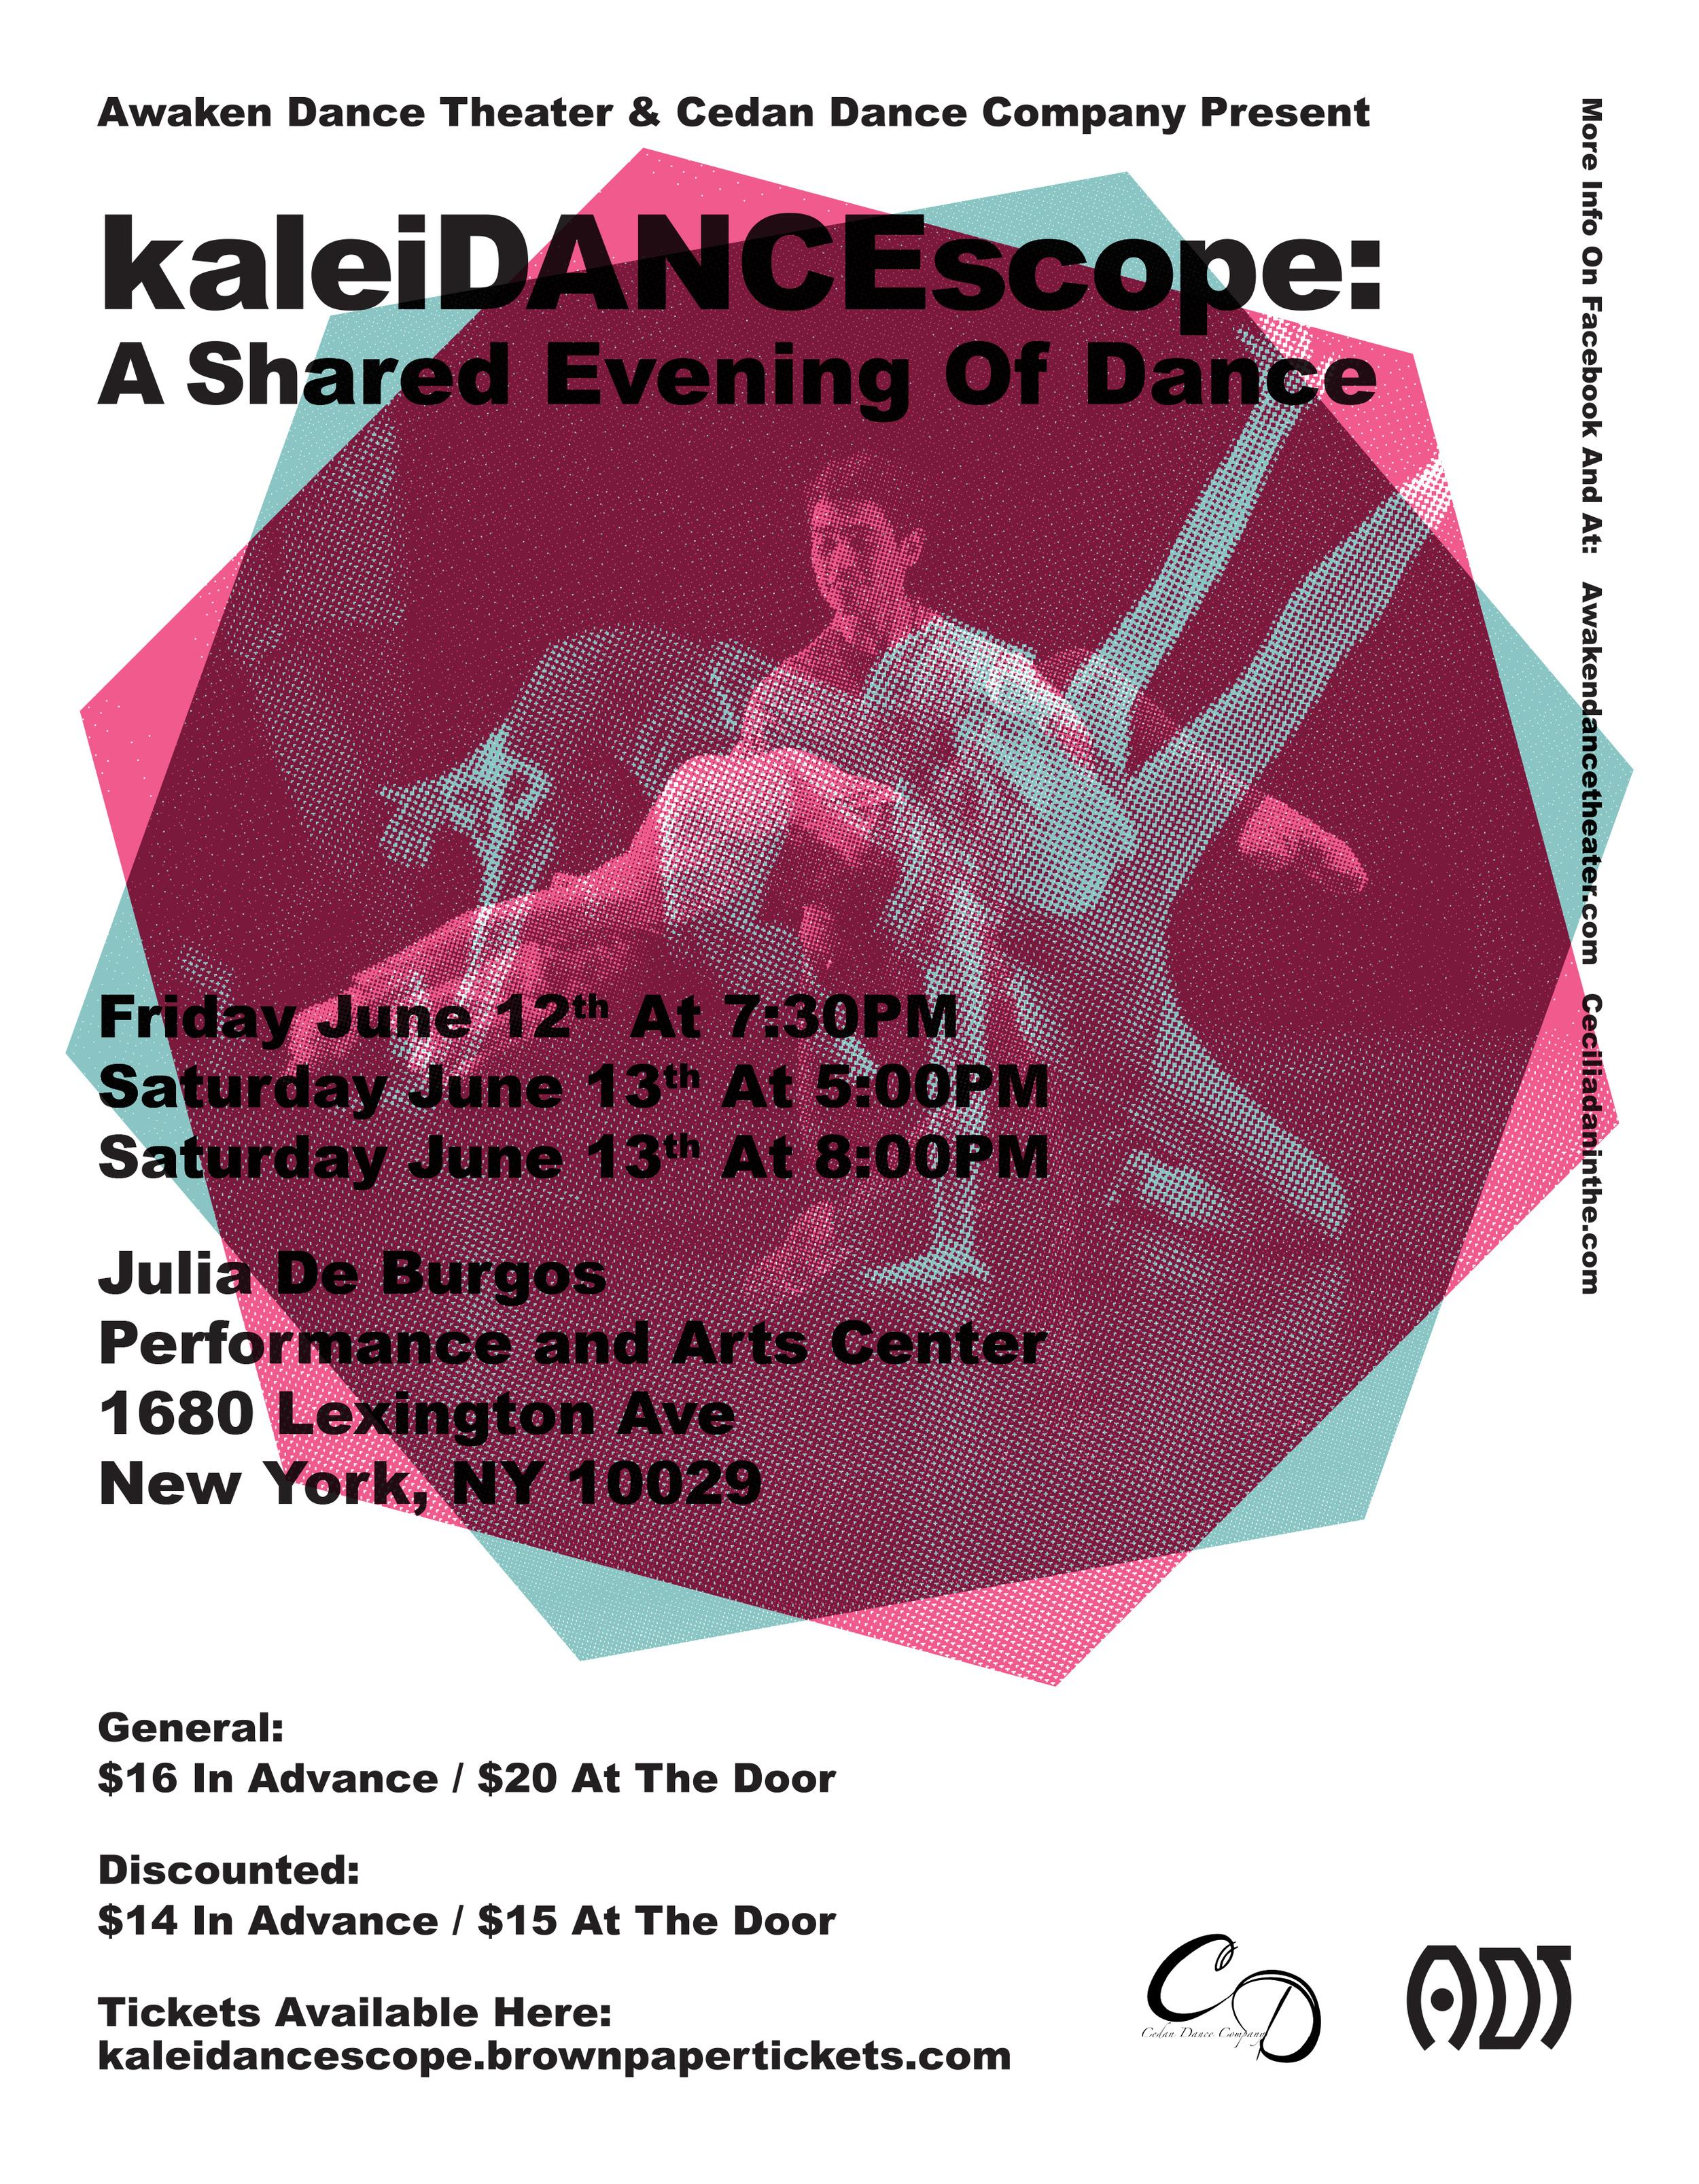 kaleidancescope-Flyer.jpg